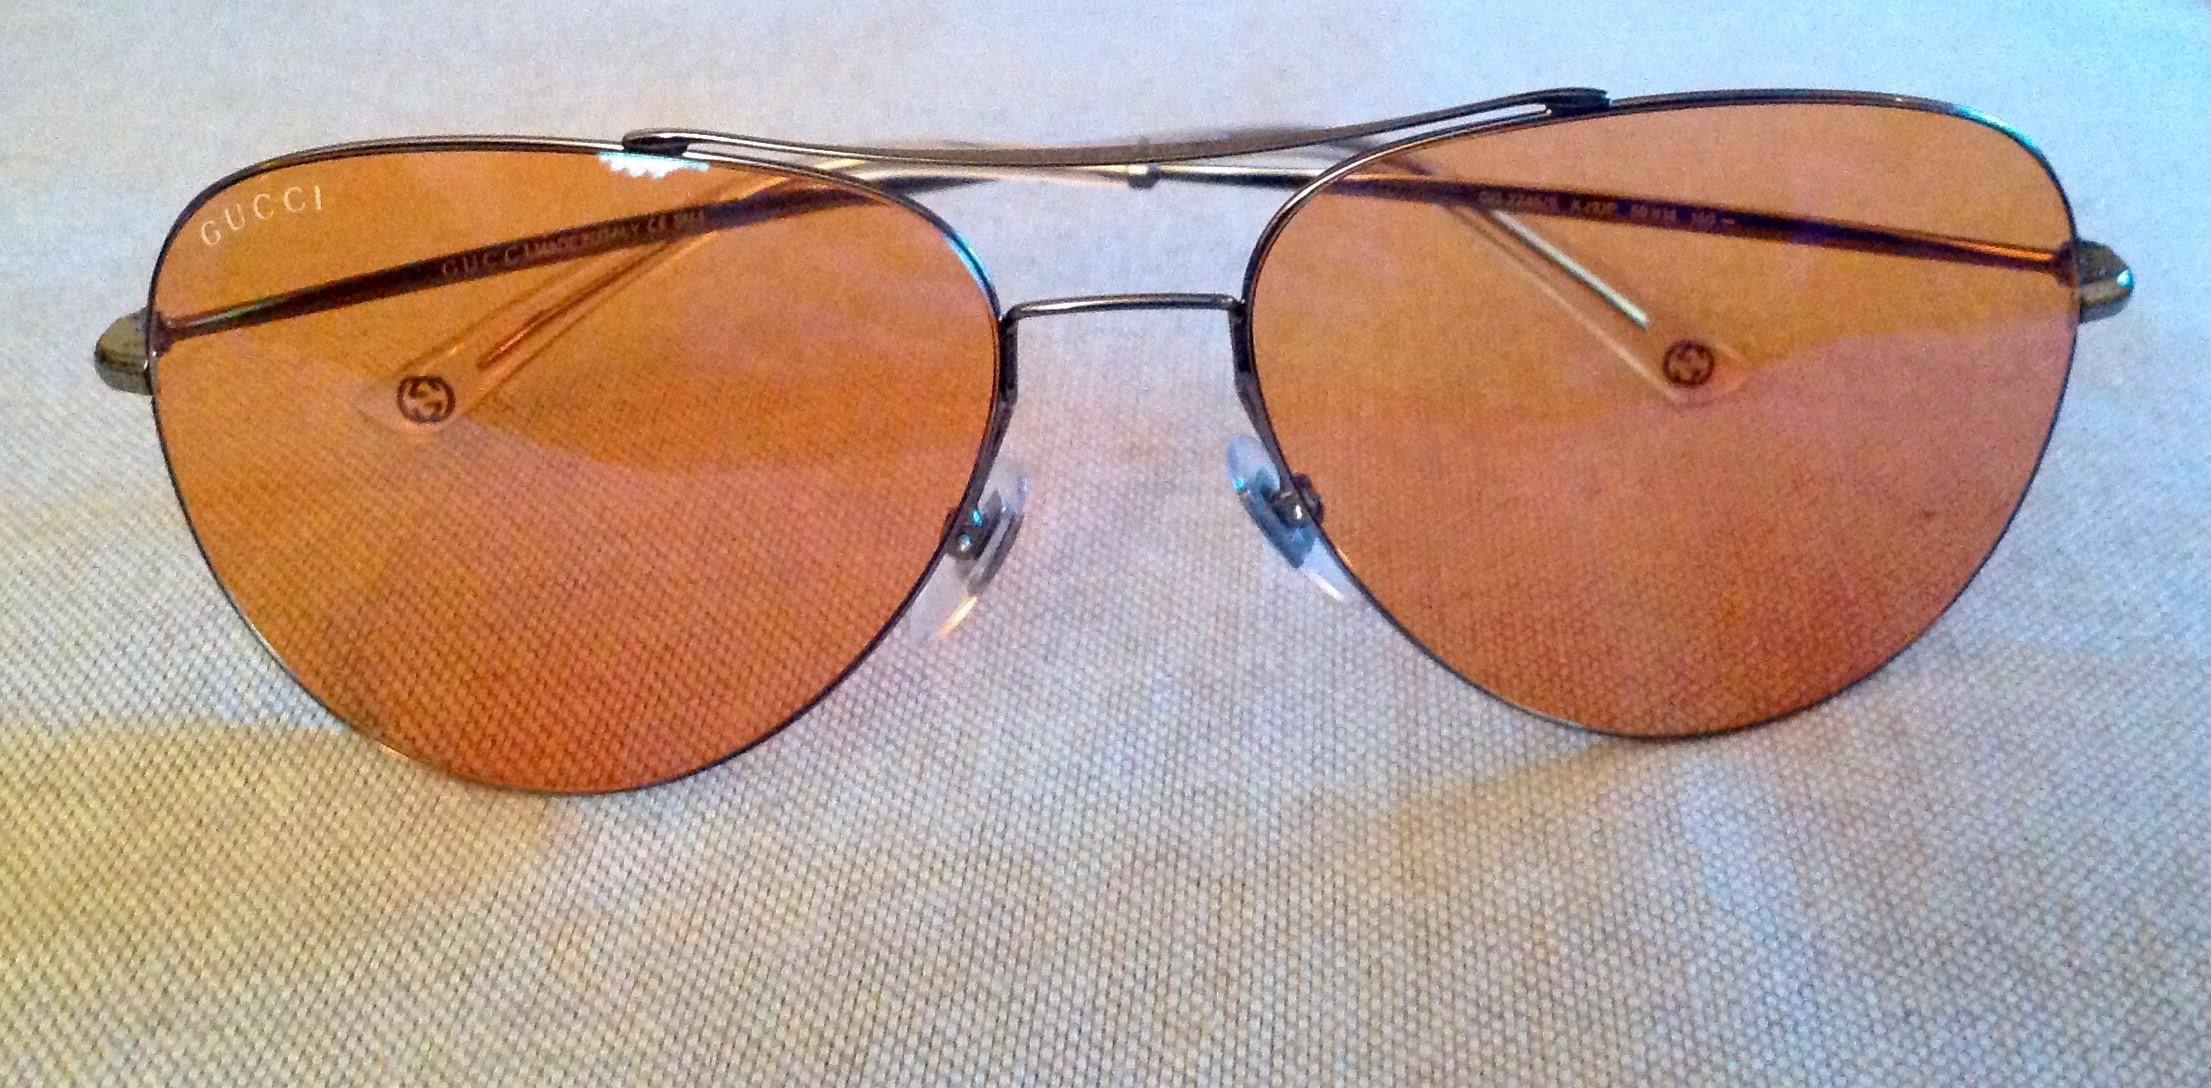 occhiali da sole sunglasses gucci